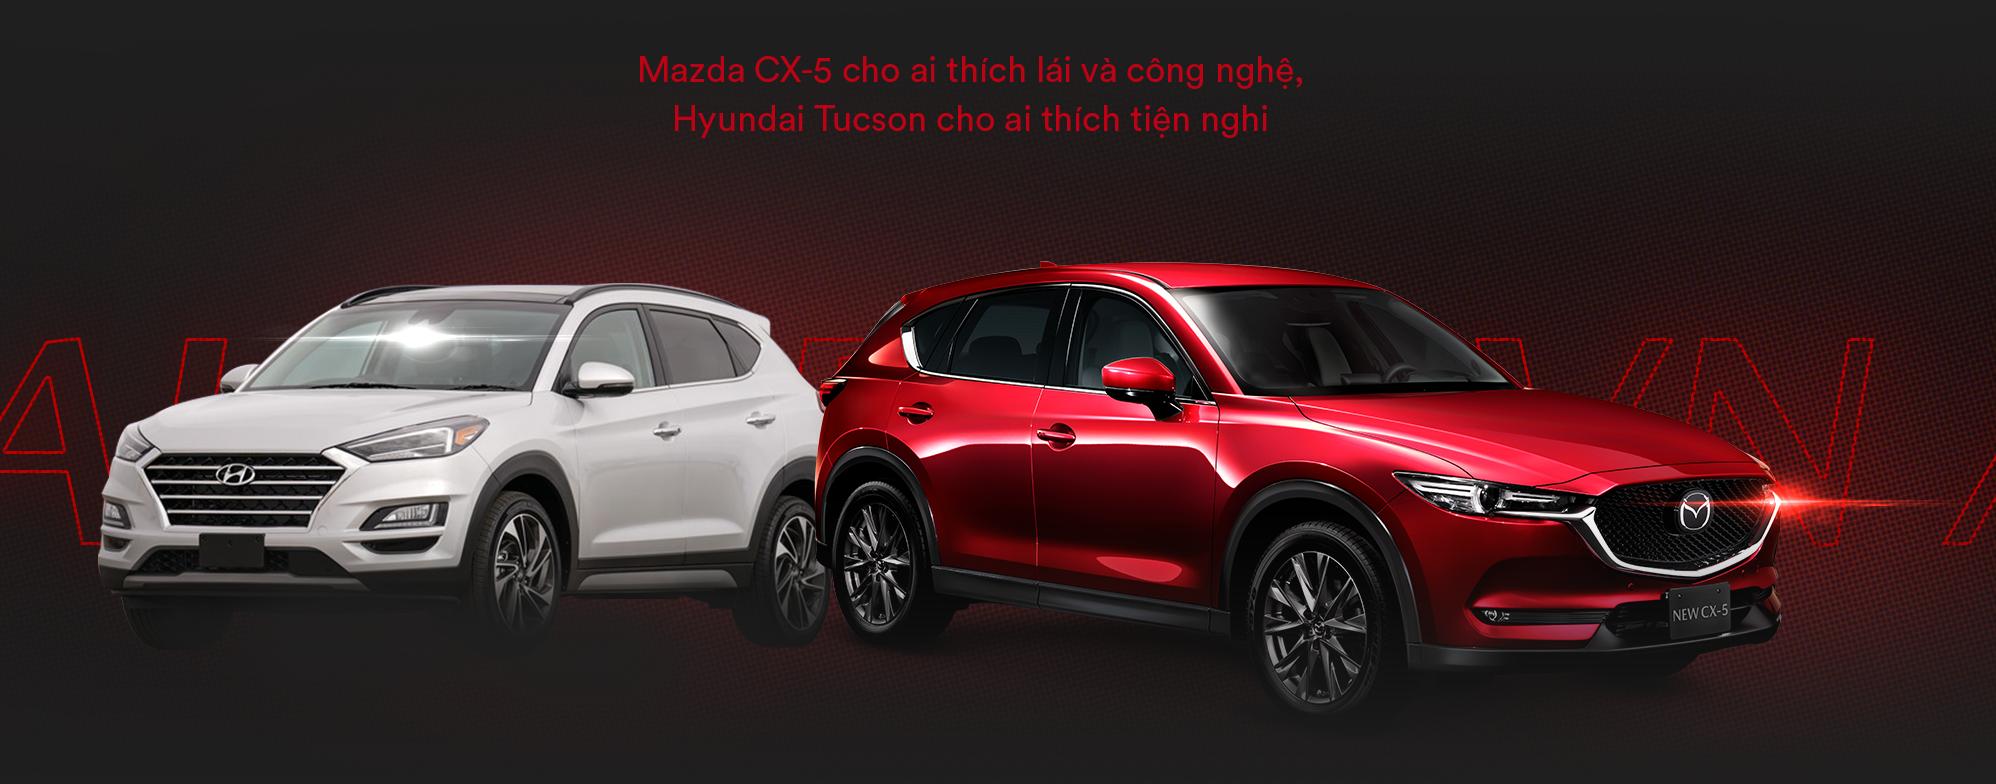 Mazda CX-5 vs Hyundai Tucson: Khi người Việt lựa chọn SUV Nhật - Hàn dưới 900 triệu đồng - Ảnh 10.